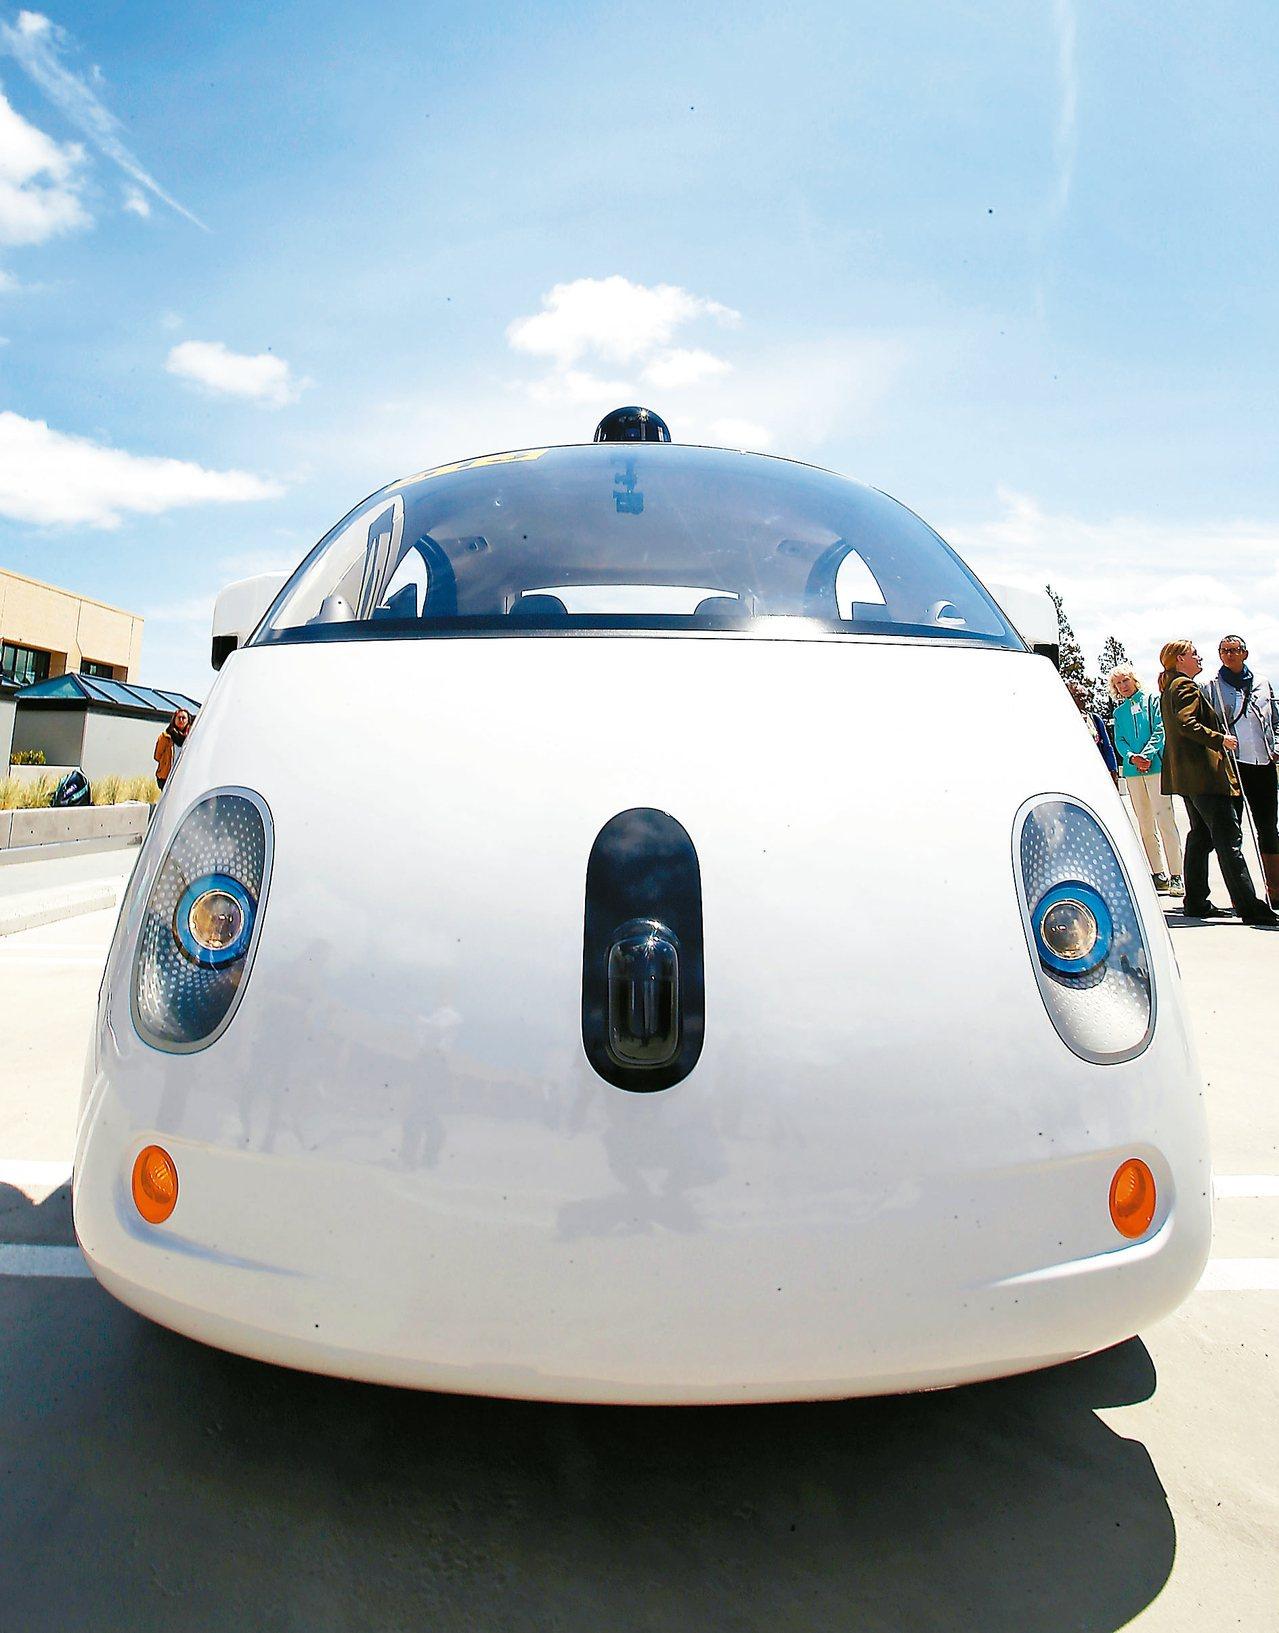 LED產業今年持續找機會,台廠轉進利基與特殊市場,也搶攻自駕車市場應用。圖為Go...